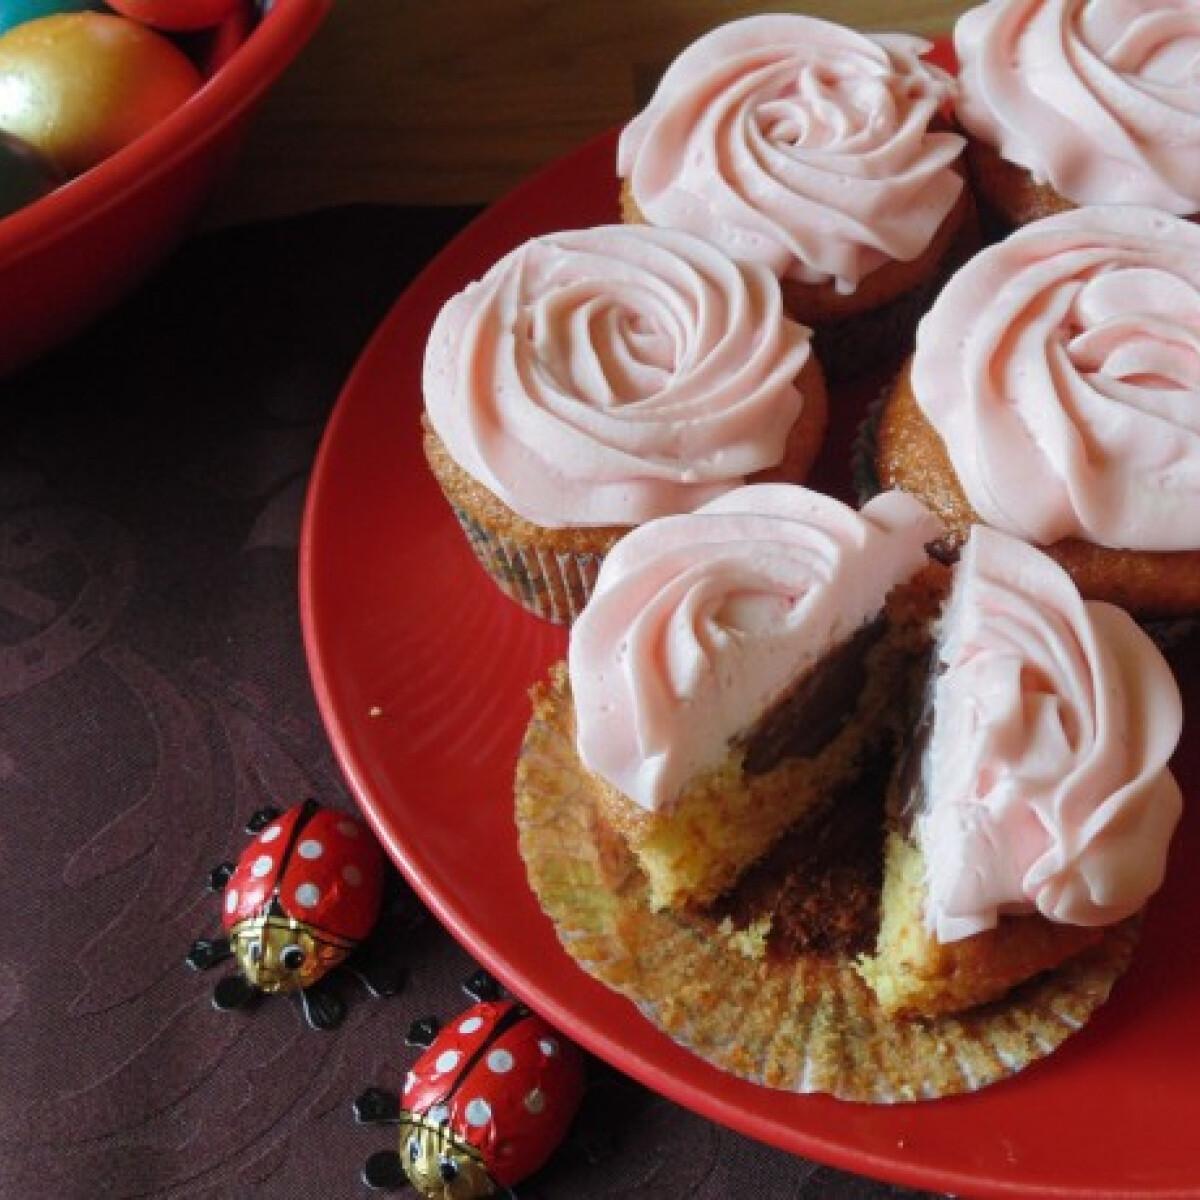 Ezen a képen: Töltött muffin húsvétra